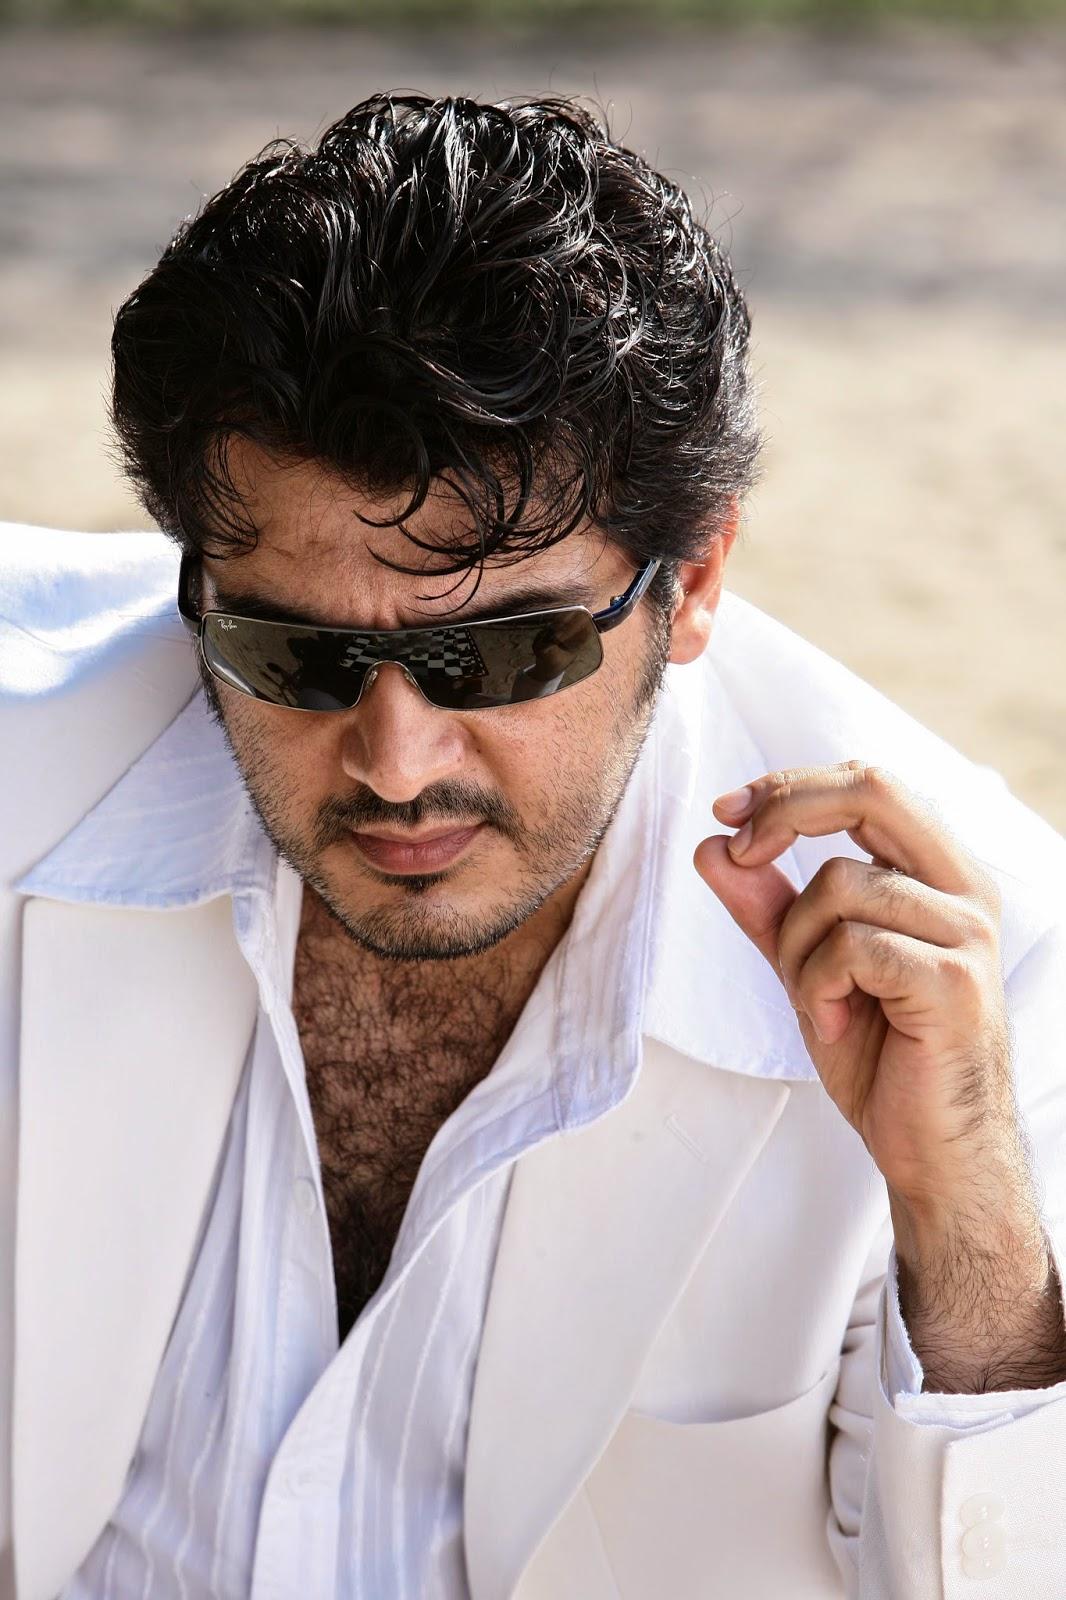 Ajith Photos Ajith Photos Hd Ajith Mass Photos Tamil Movie